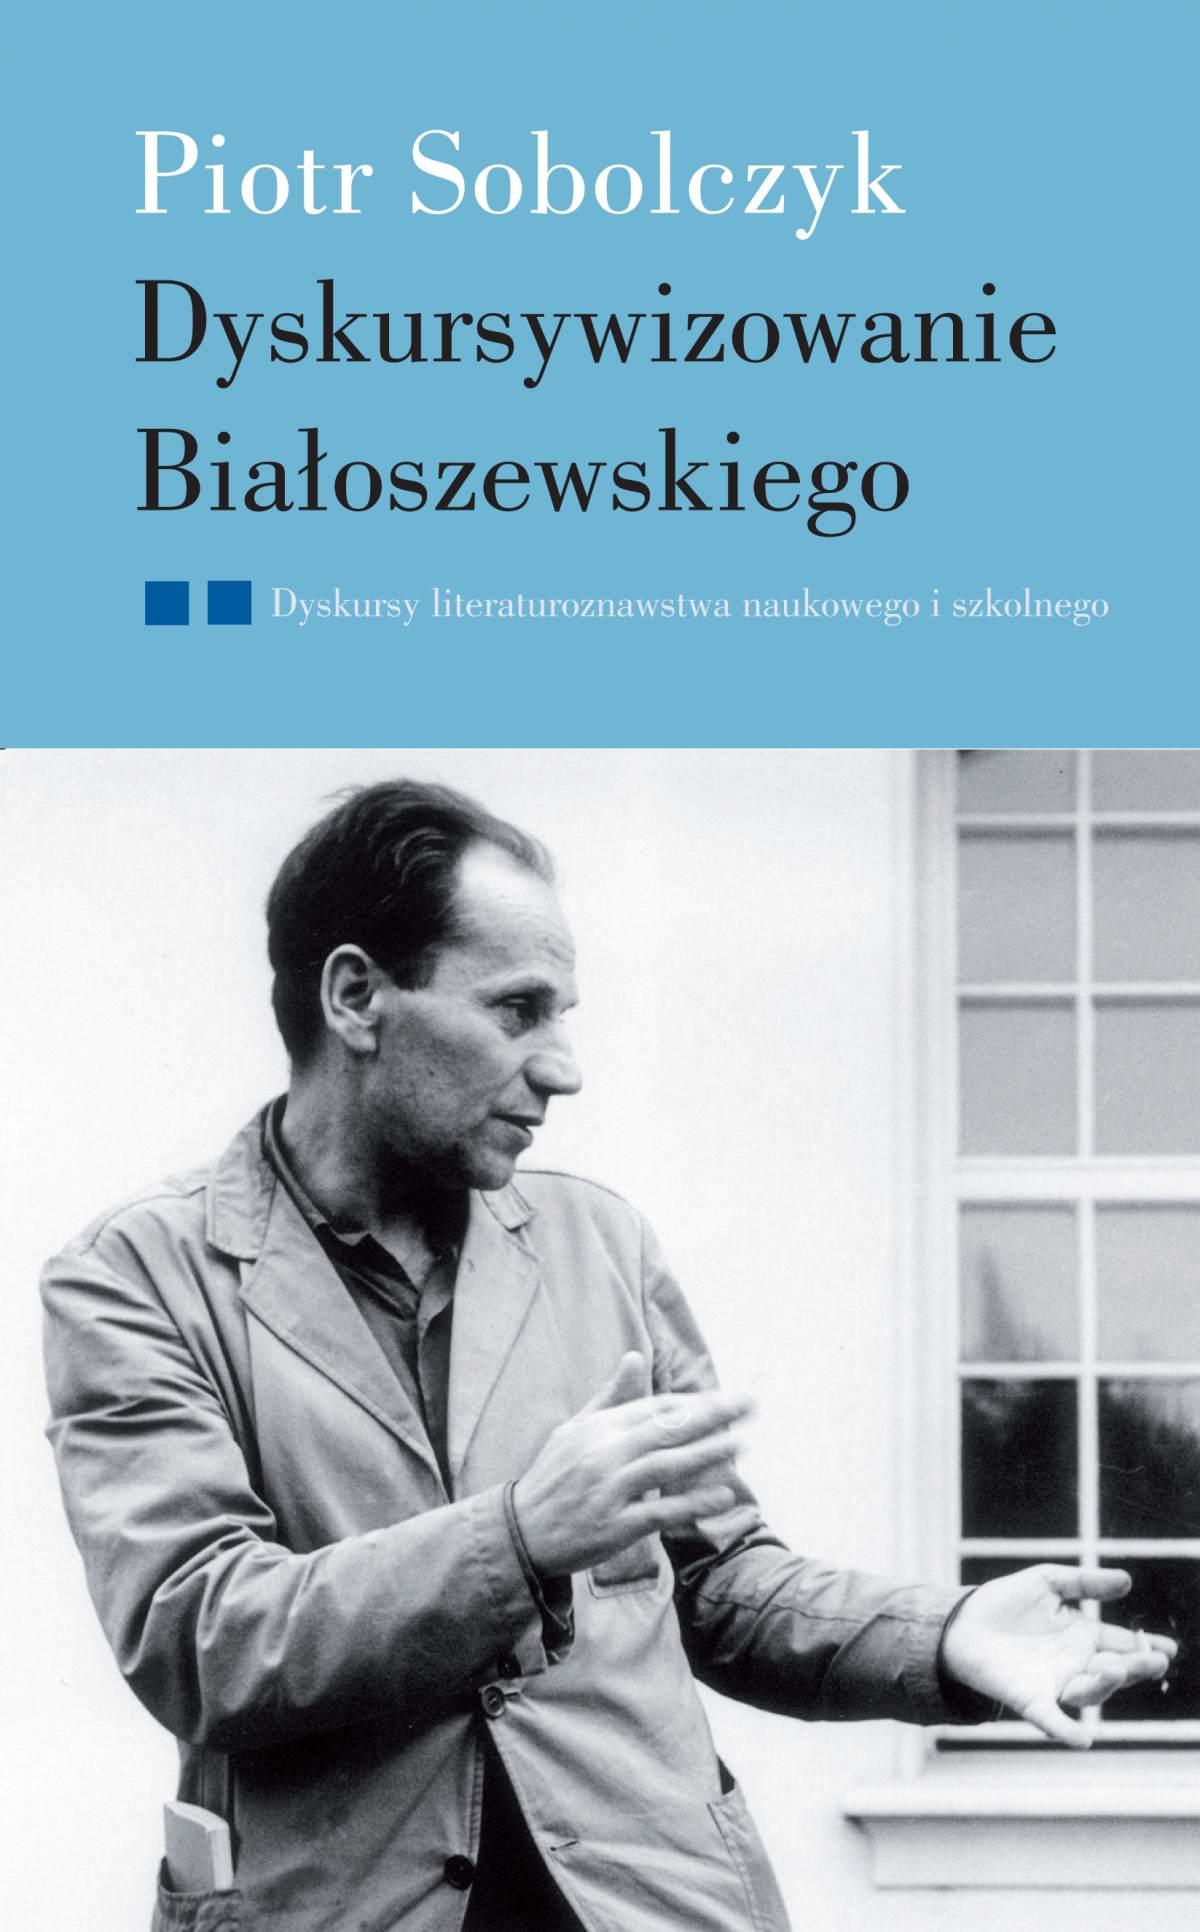 Dyskursywizowanie Białoszewskiego. Tom 2. Dyskursy literaturoznawstwa literackiego i szkolnego - Ebook (Książka EPUB) do pobrania w formacie EPUB